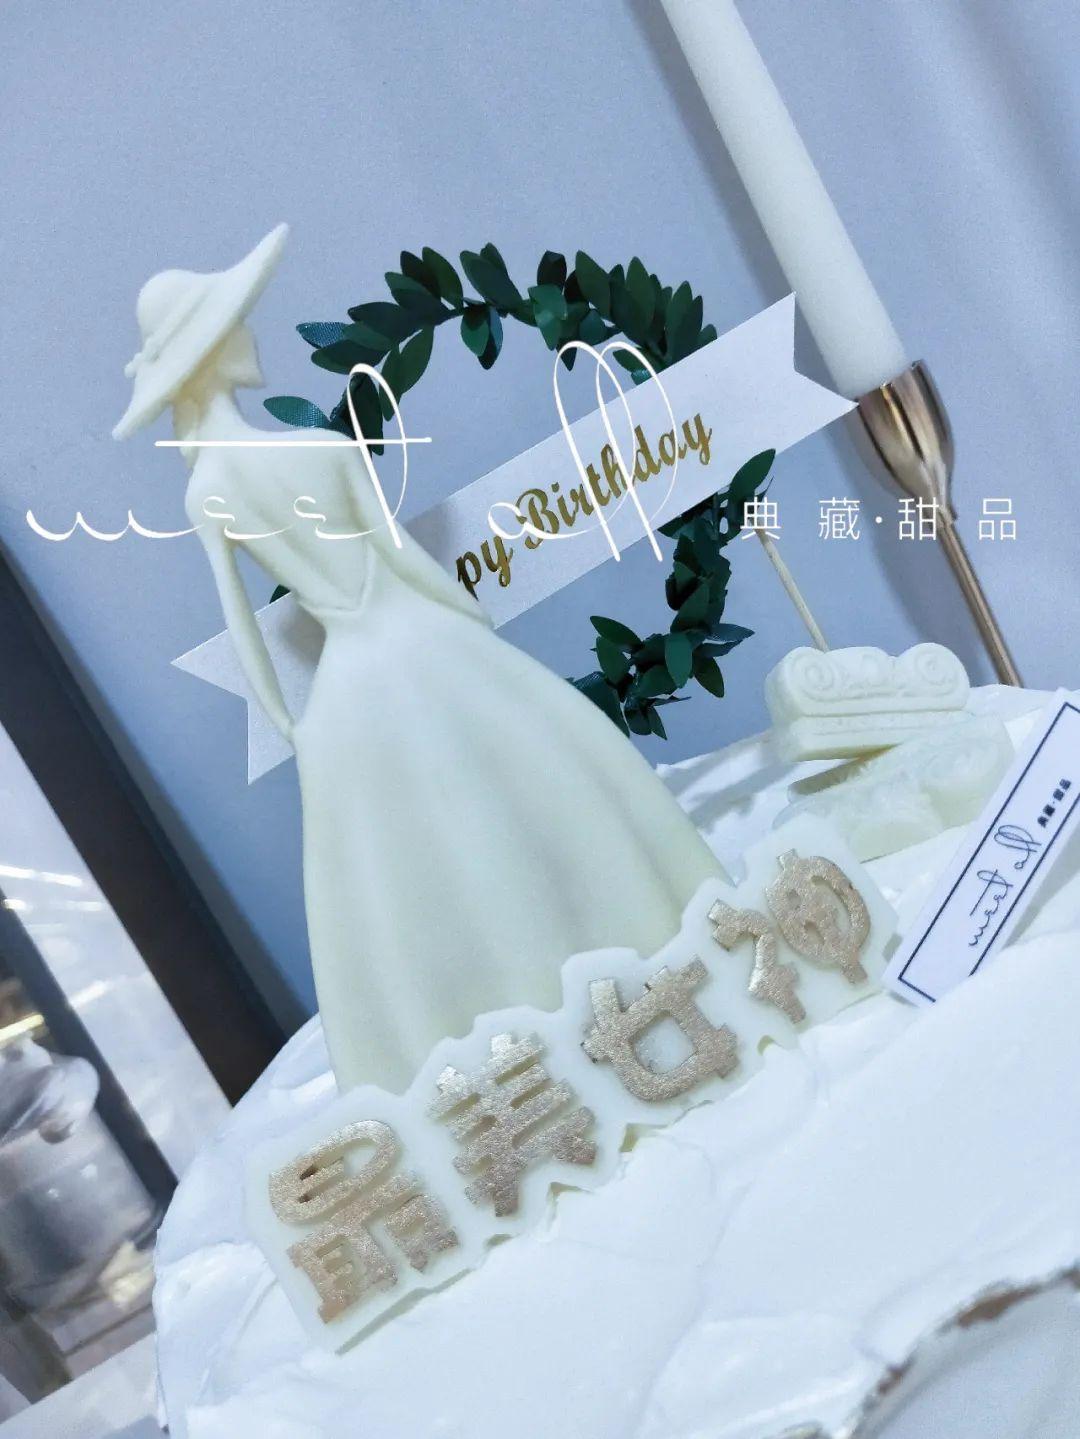 【和平区 麦饕 · 典藏甜品】实力与颜值并存的蛋糕来啦!仅99元享门市价298元【麦饕 · 典藏甜品】8寸创意蛋糕,5种款式可选